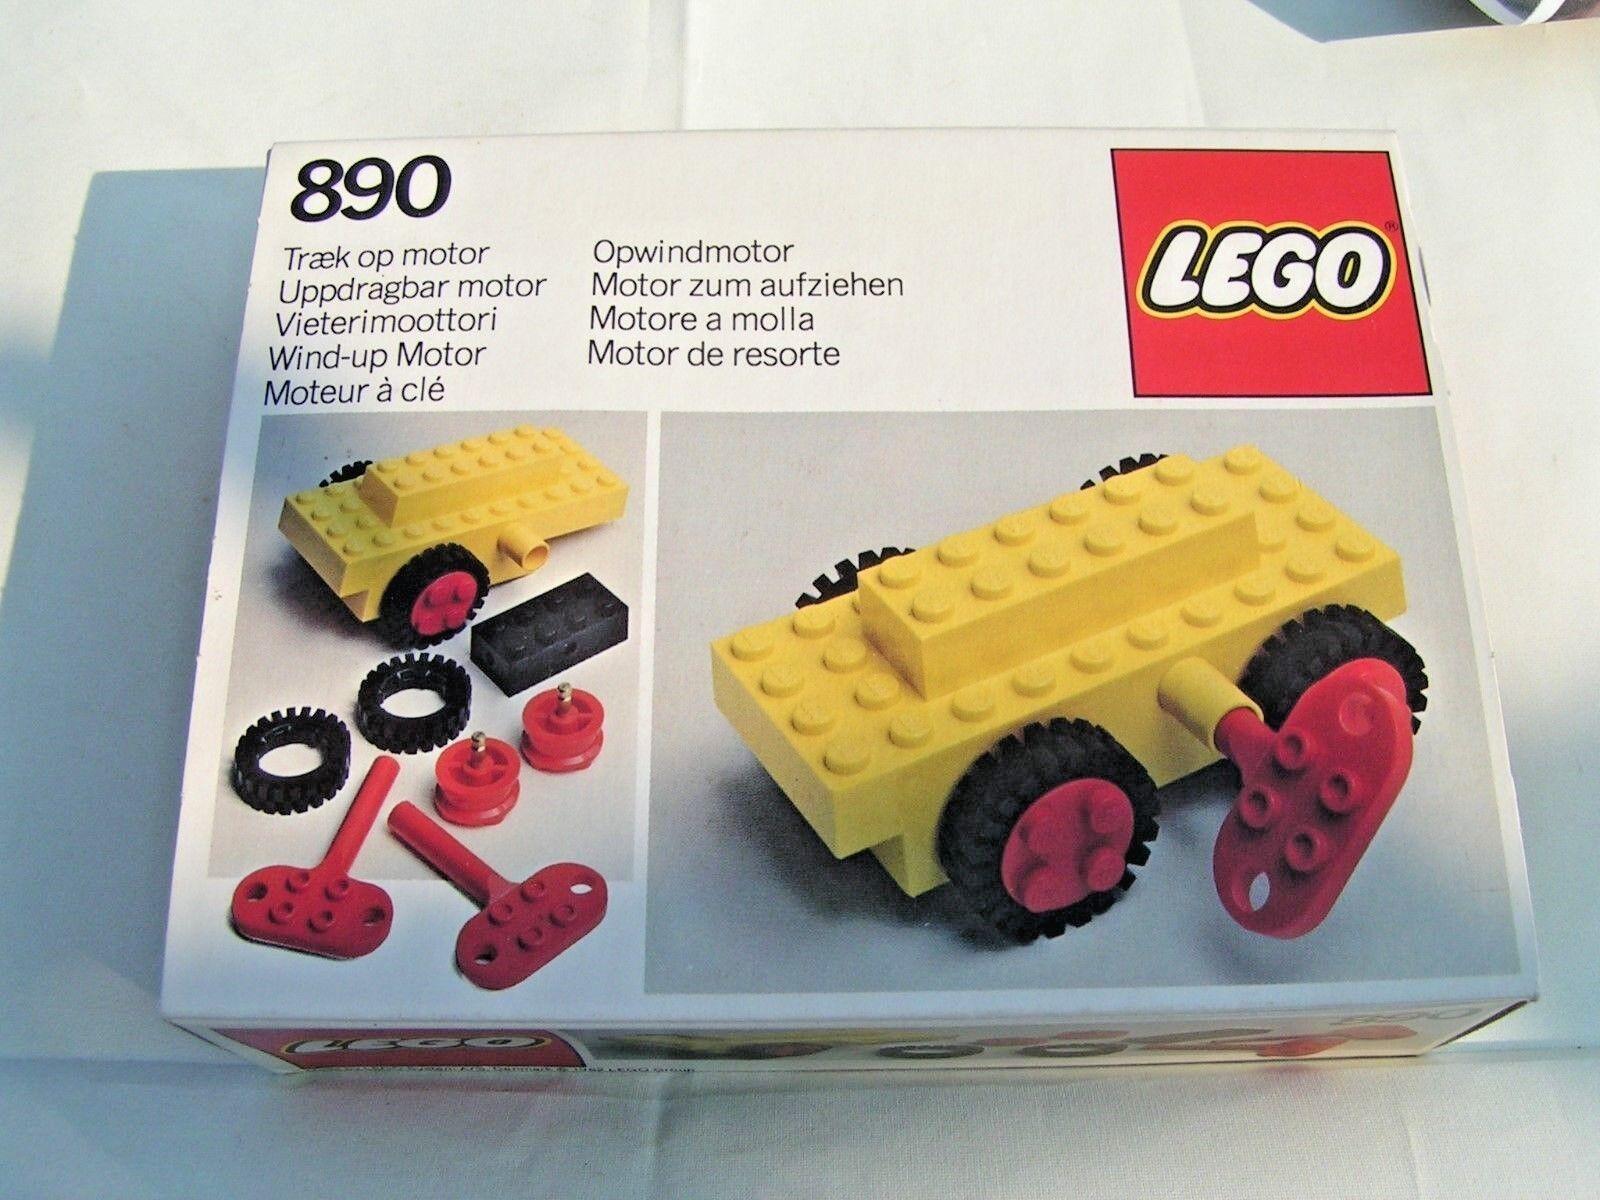 LEGO VINTAGE  - MOTEUR A CLE  890  -  RARE